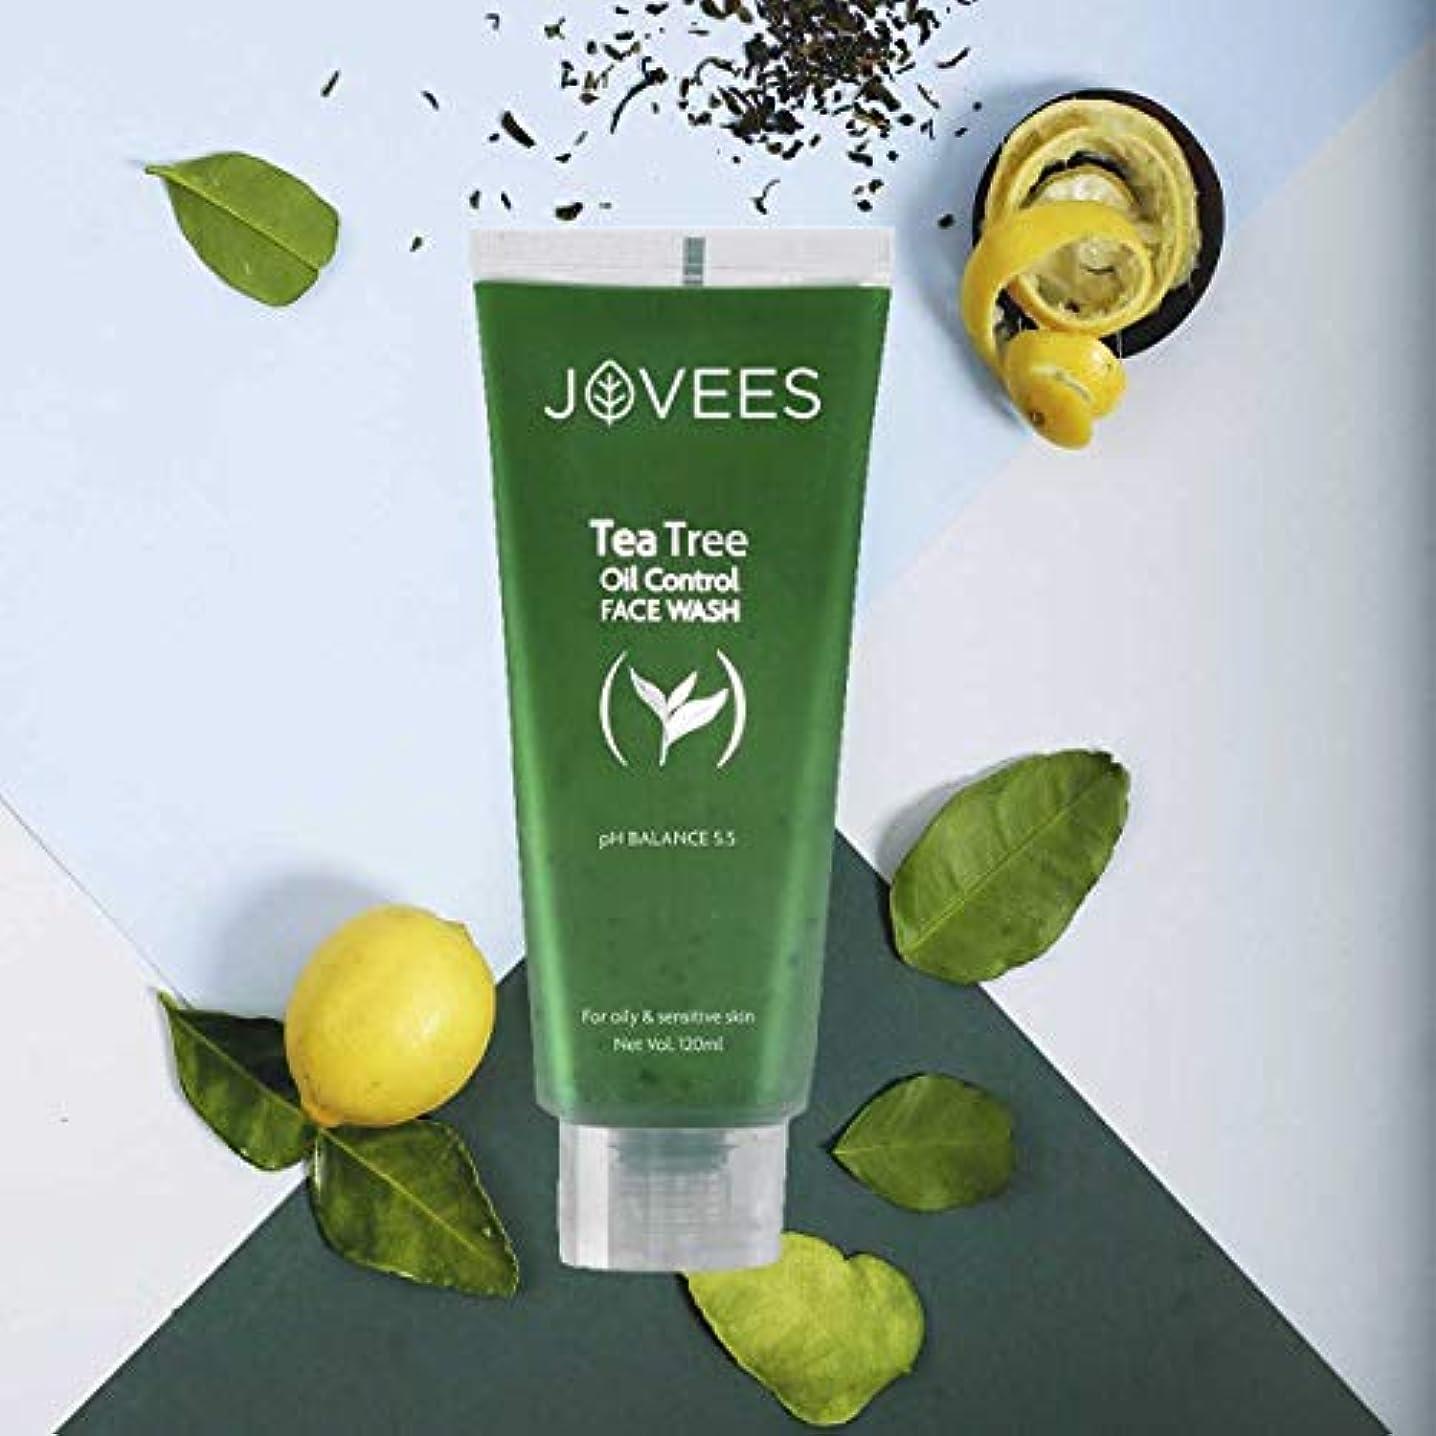 相対性理論インペリアル群衆Jovees Tea Tree Oil Control Face Wash 120ml Best for oily & sensitive skin control acne ティーツリーオイルコントロールフェイスウォッシュ...